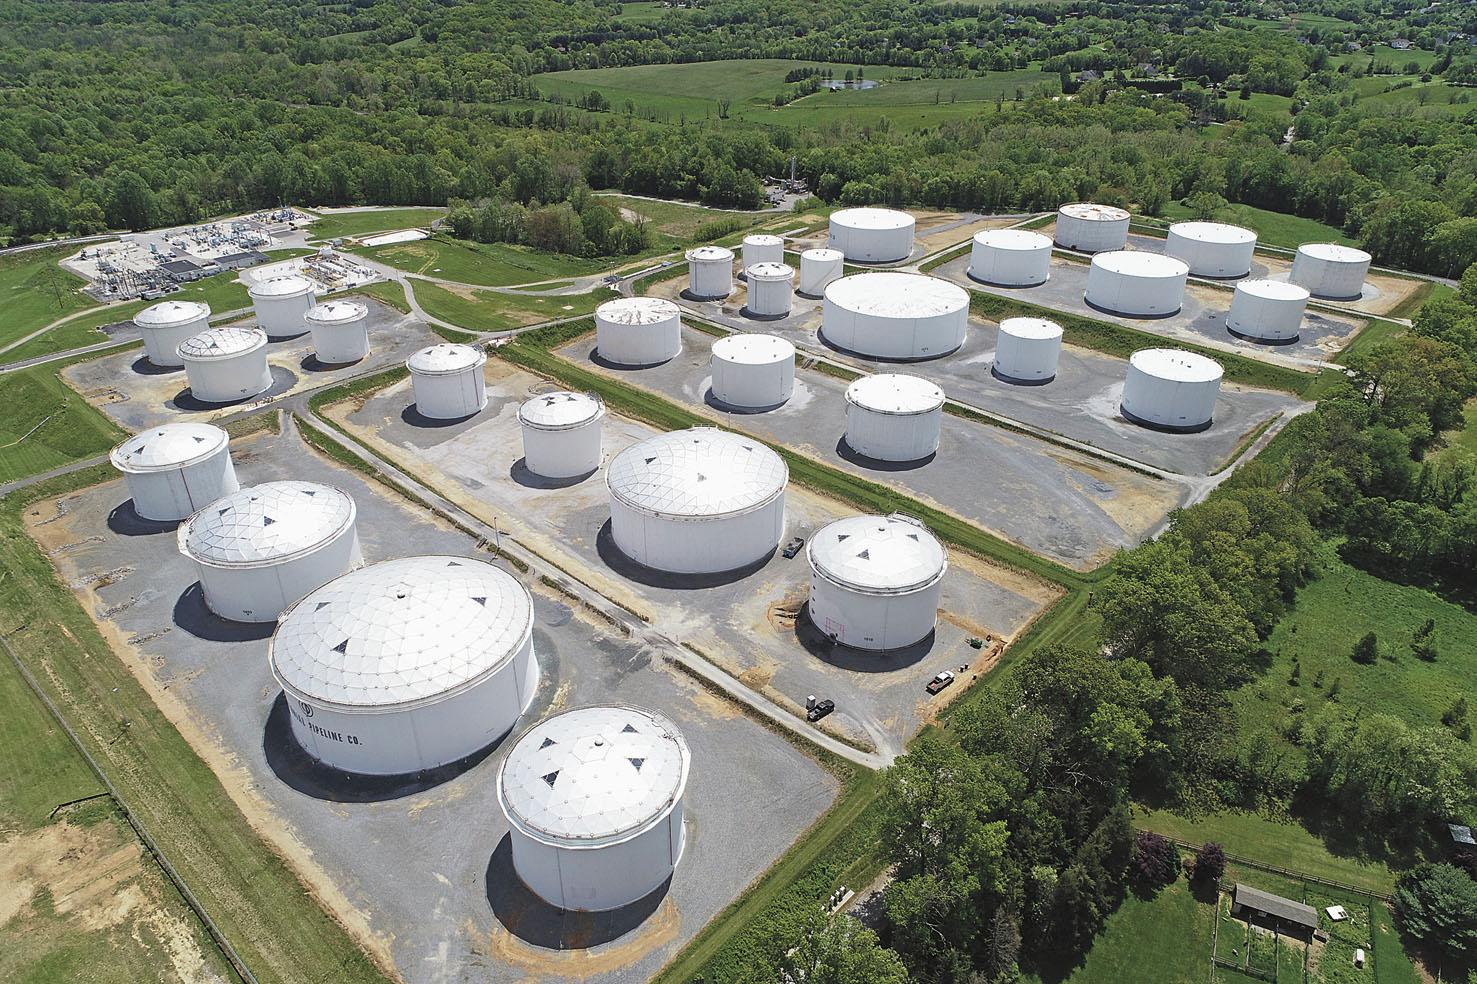 美國殖民管道公司每天輸送250萬桶汽油、柴油及航空燃油和其他精煉產品。資料圖片